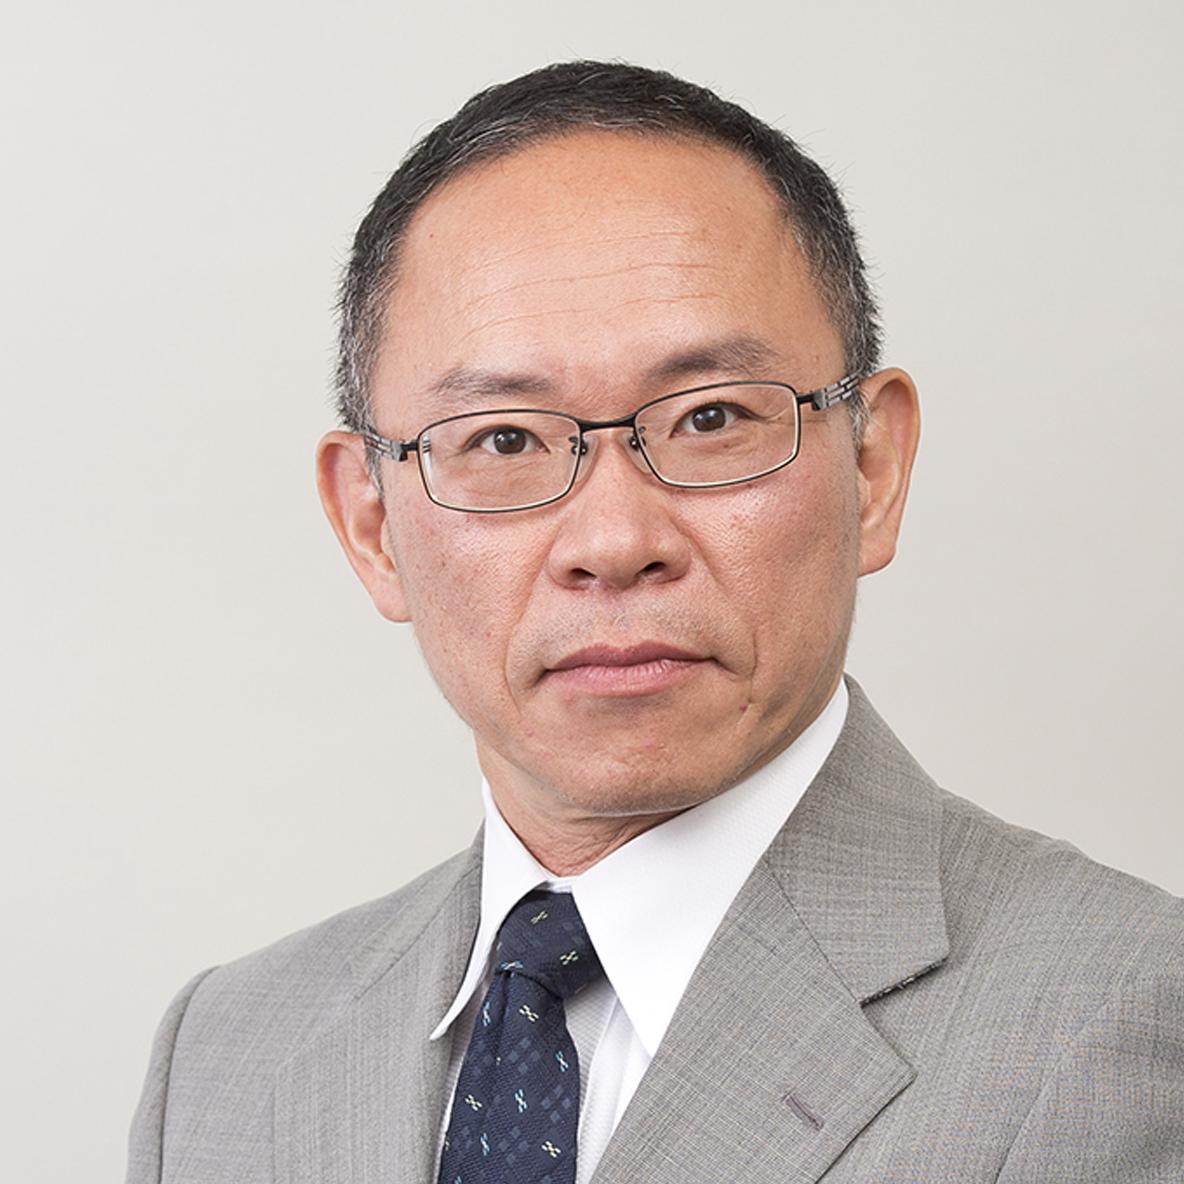 観光教育事業部 マネージャー 仲田 耕太郎 Kotaro Nakada